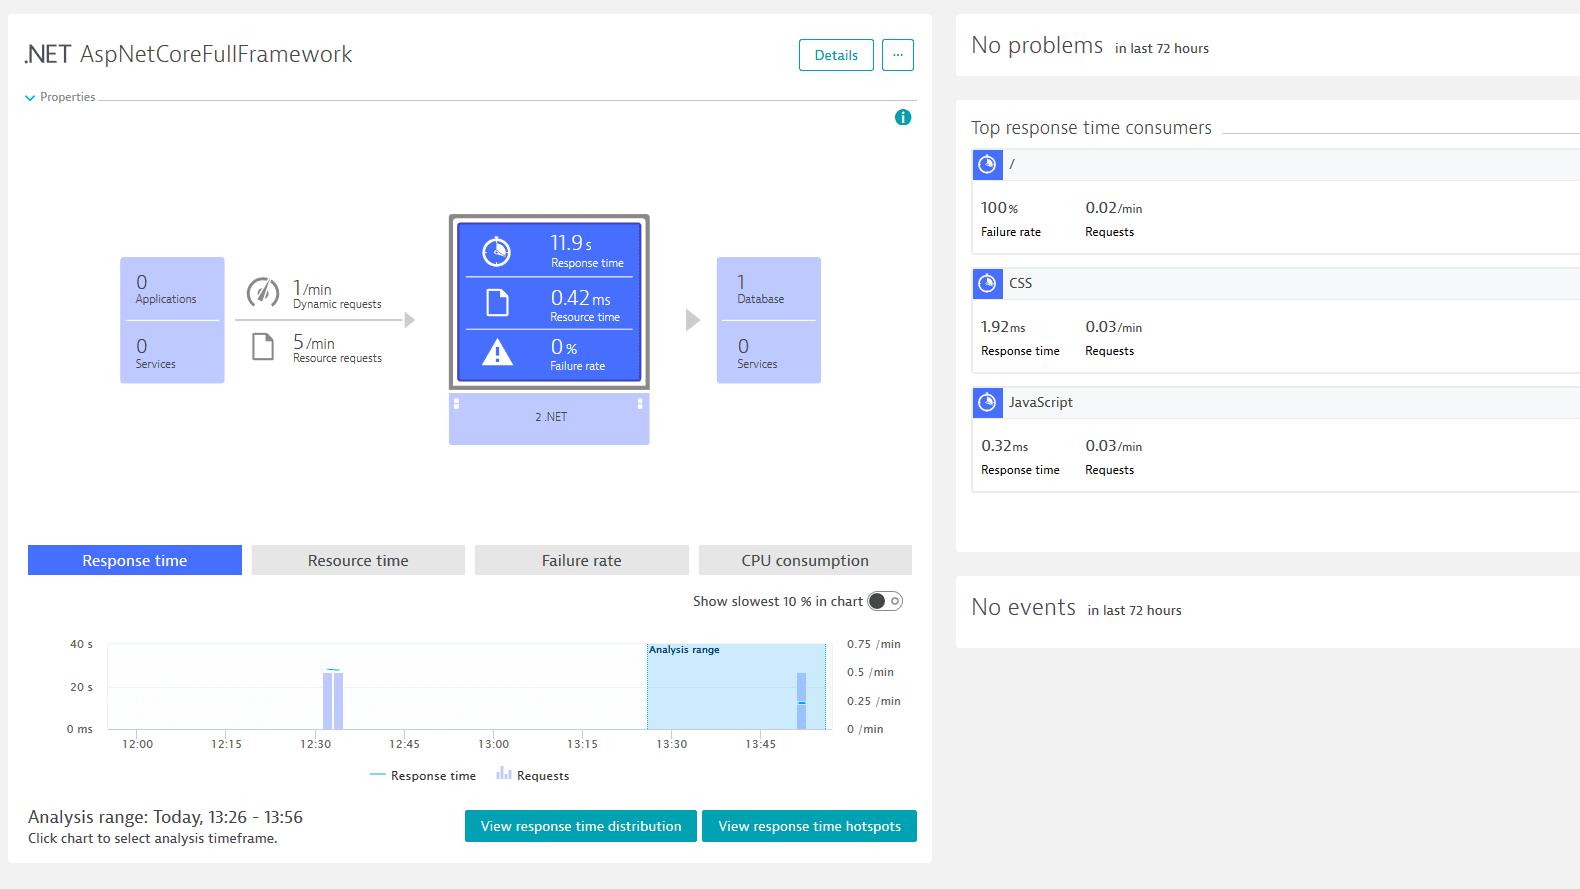 ASP.NET Core full framework